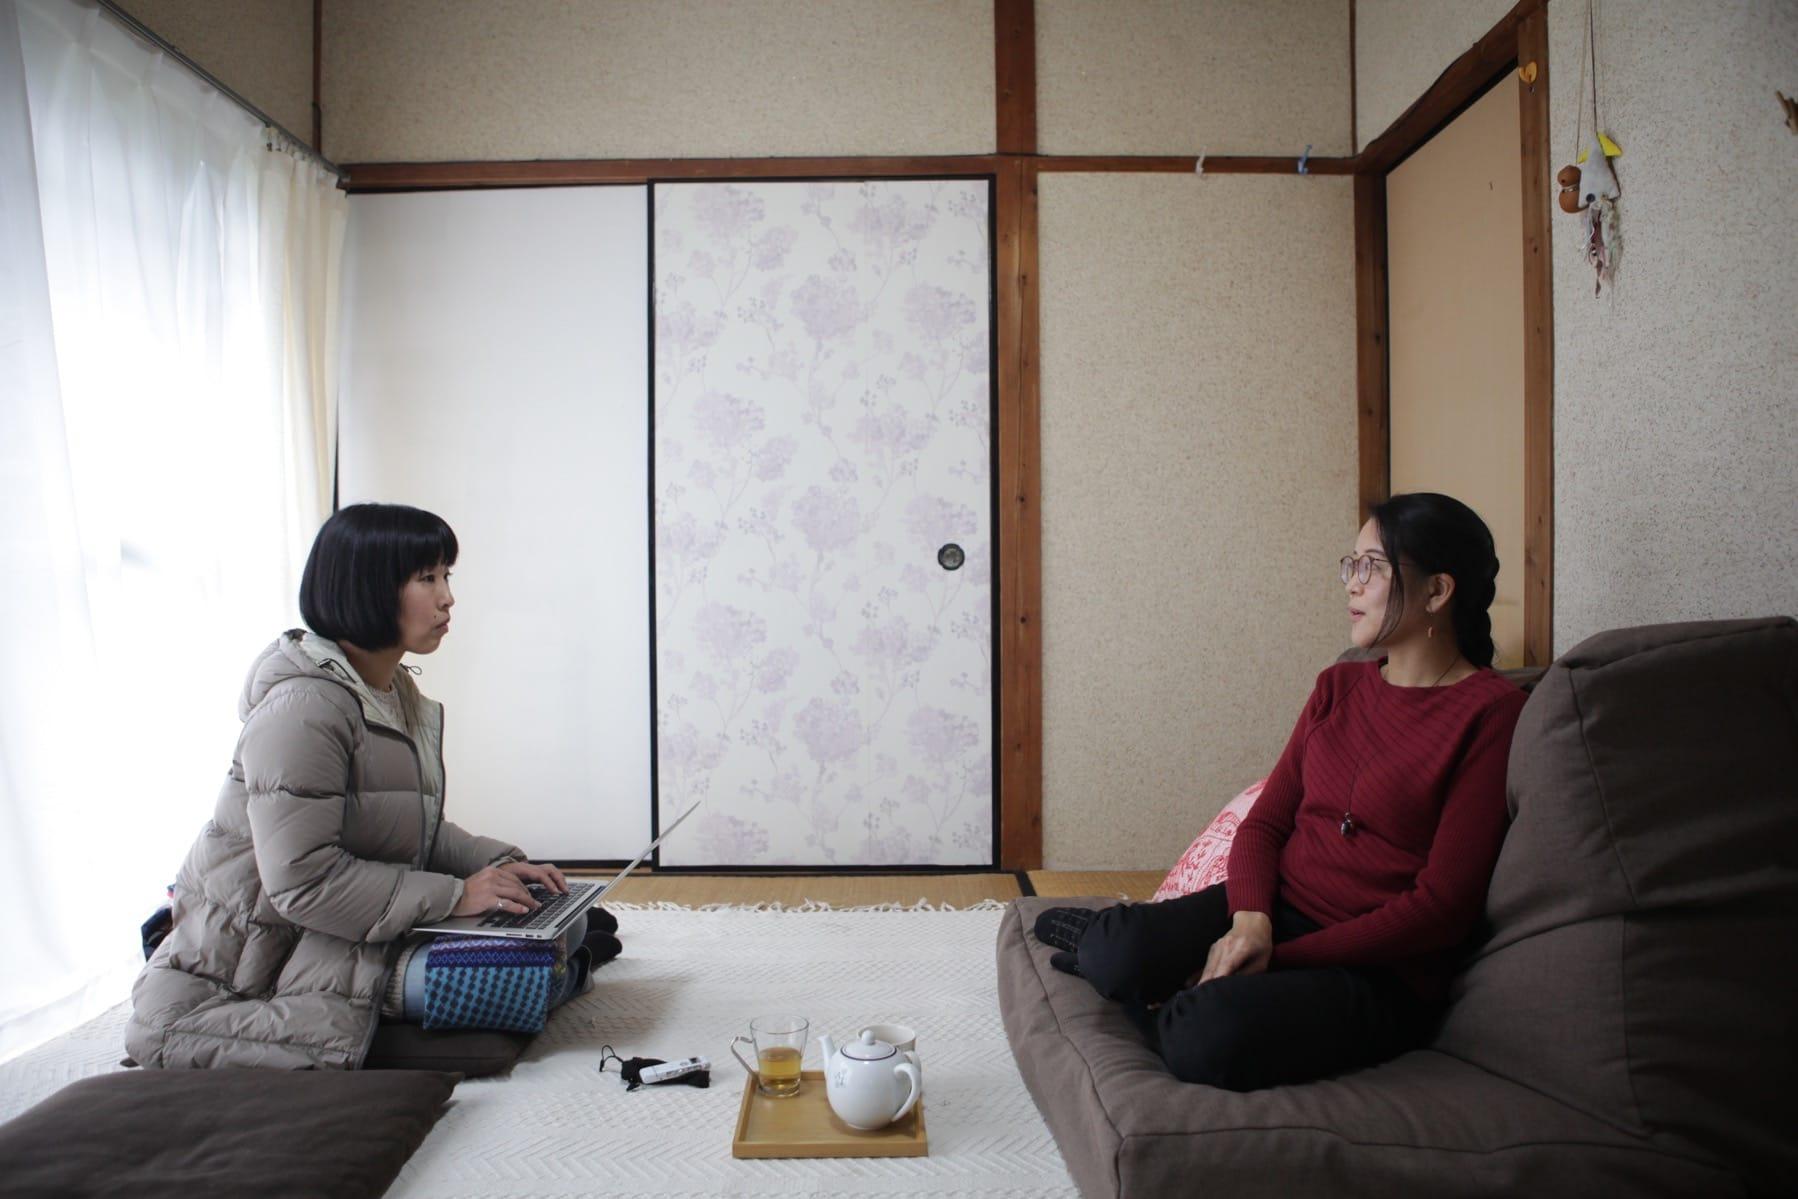 高田友美さんへのインタビューのひとコマ。